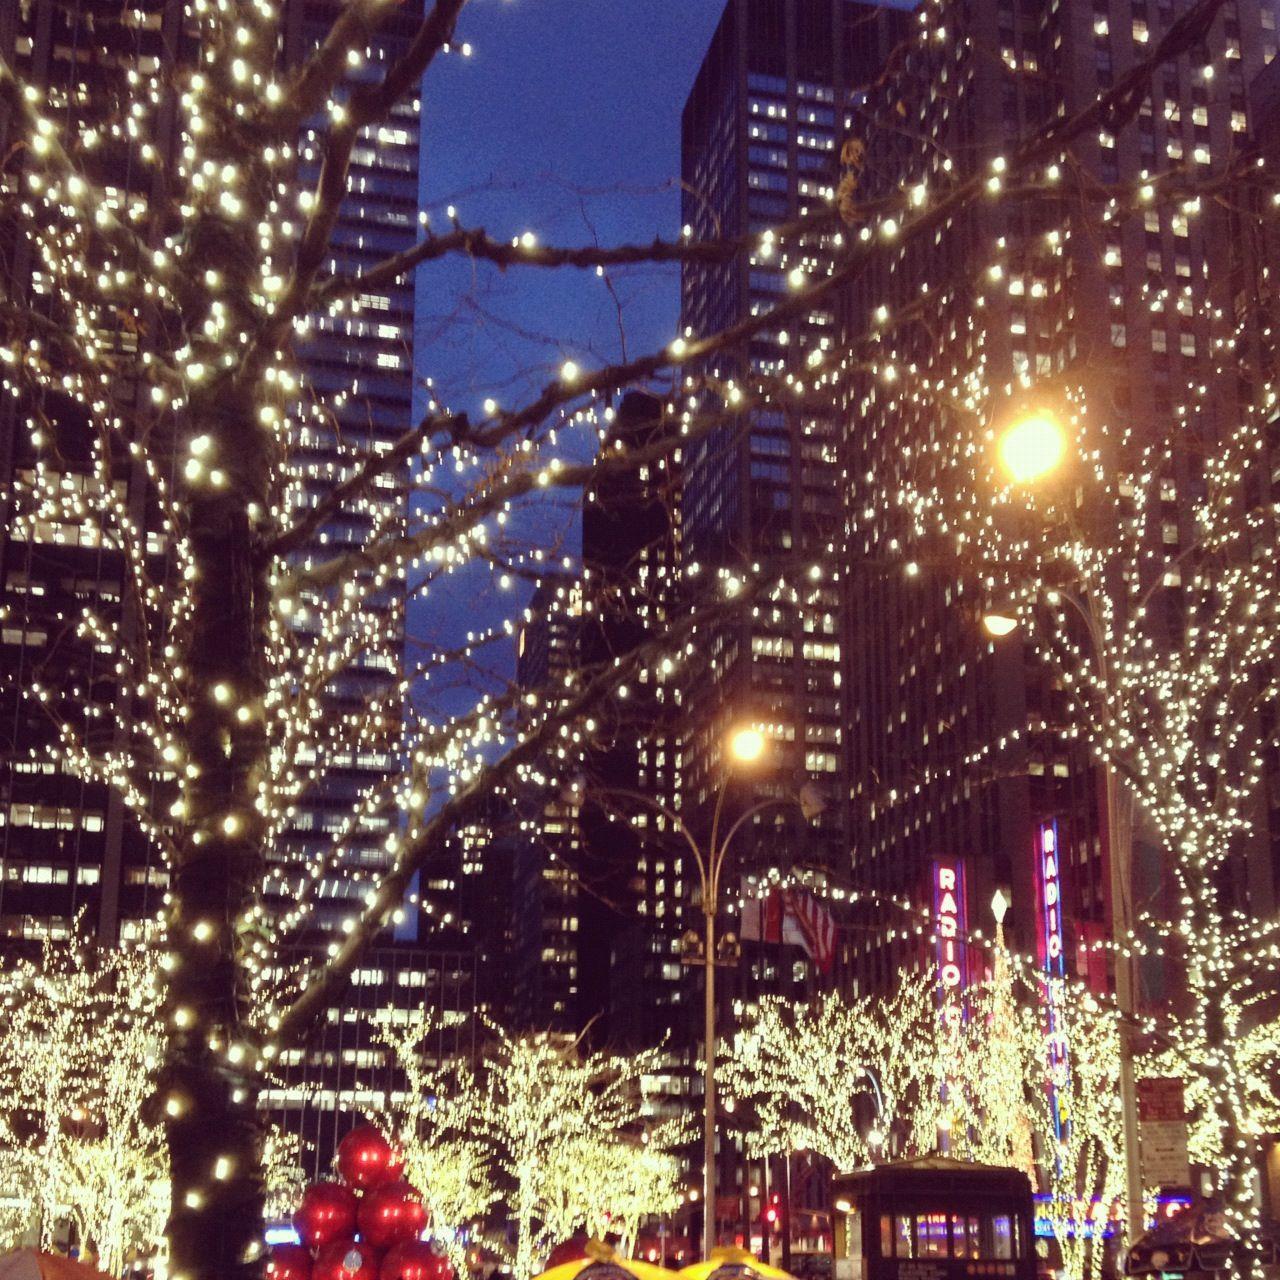 new york at christmas time - New York Christmas Time